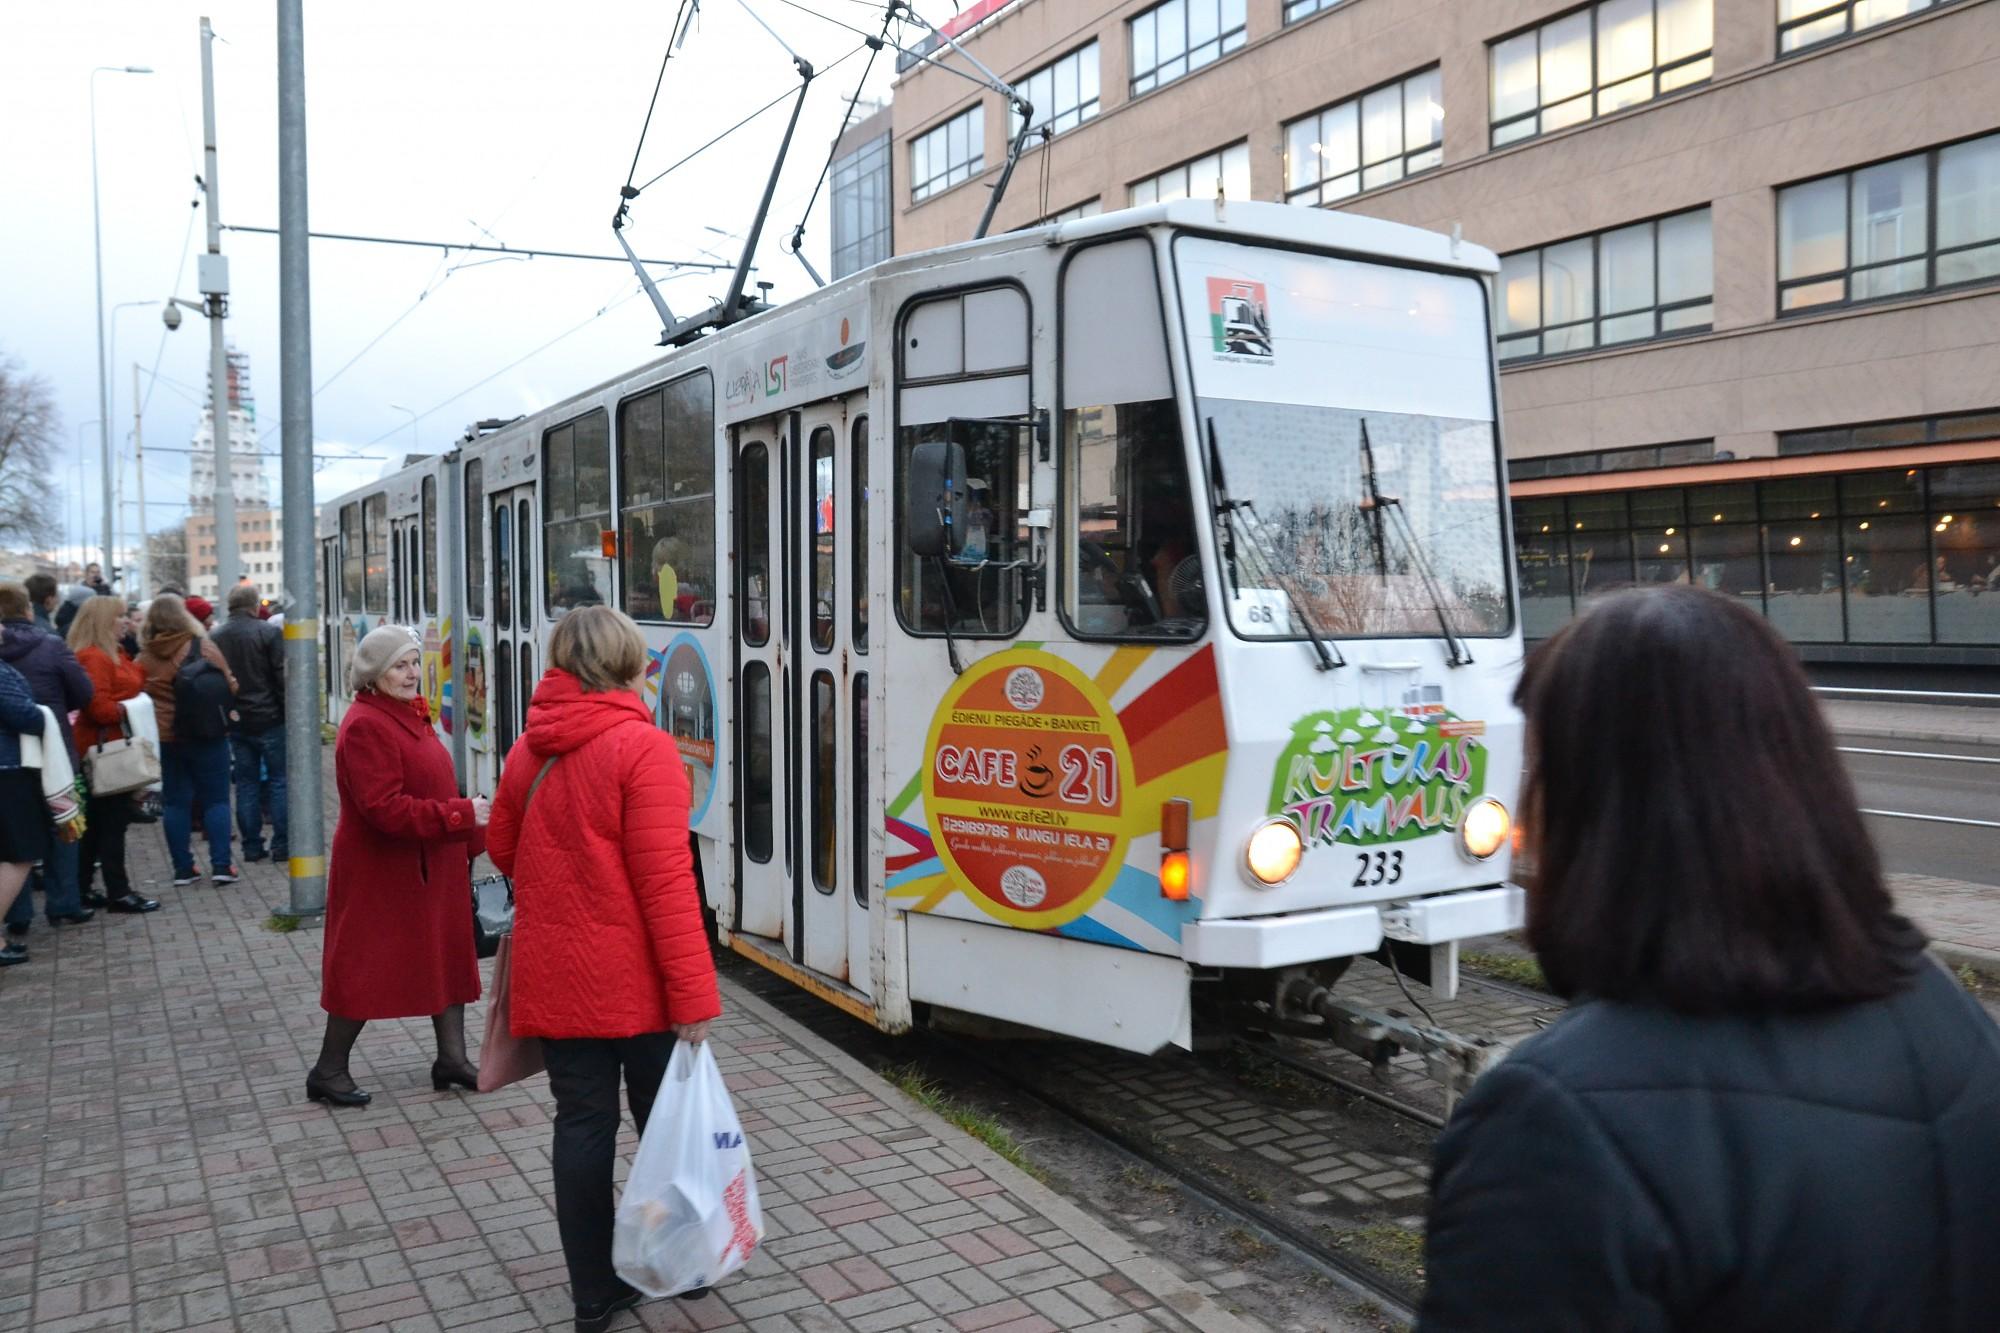 Liepājā ar tramvajiem pārvadāto pasažieru skaits deviņos mēnešos audzis par 5,7%